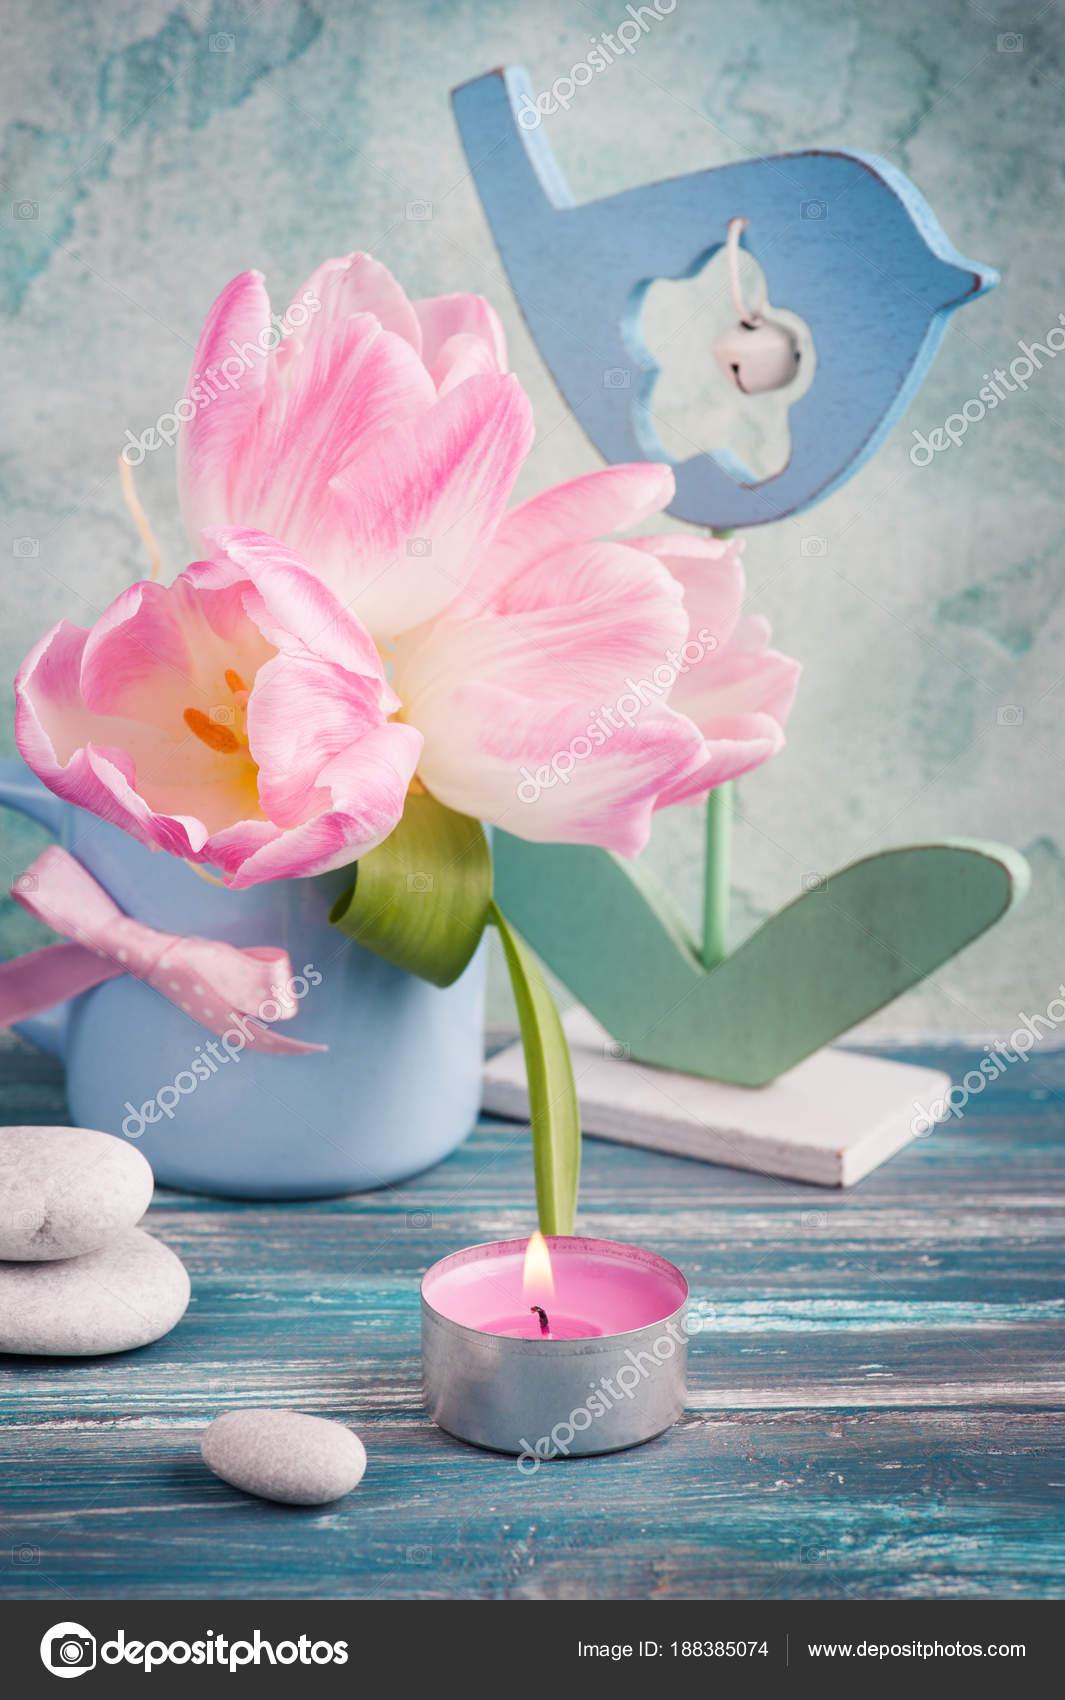 https://st3.depositphotos.com/3608211/18838/i/1600/depositphotos_188385074-stockafbeelding-roze-tulp-bloemen-verlichte-kaars.jpg